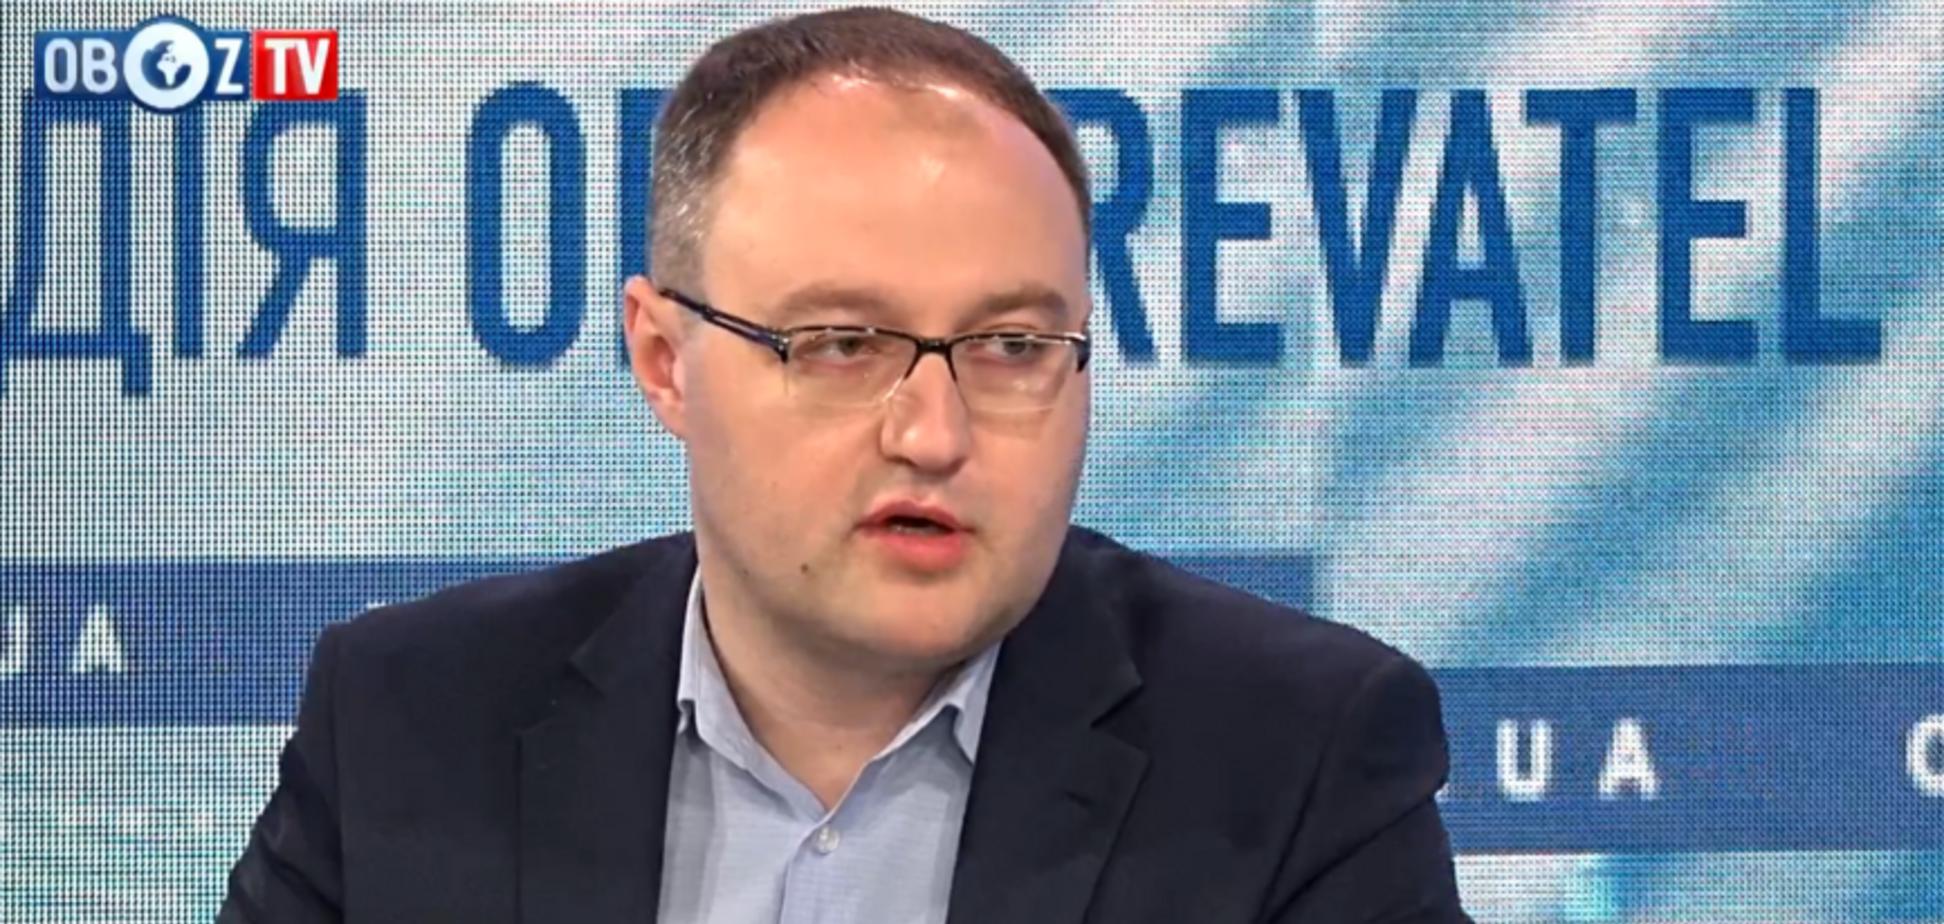 Перемога правопопулістів в Європі: як може змінитися ставлення до України